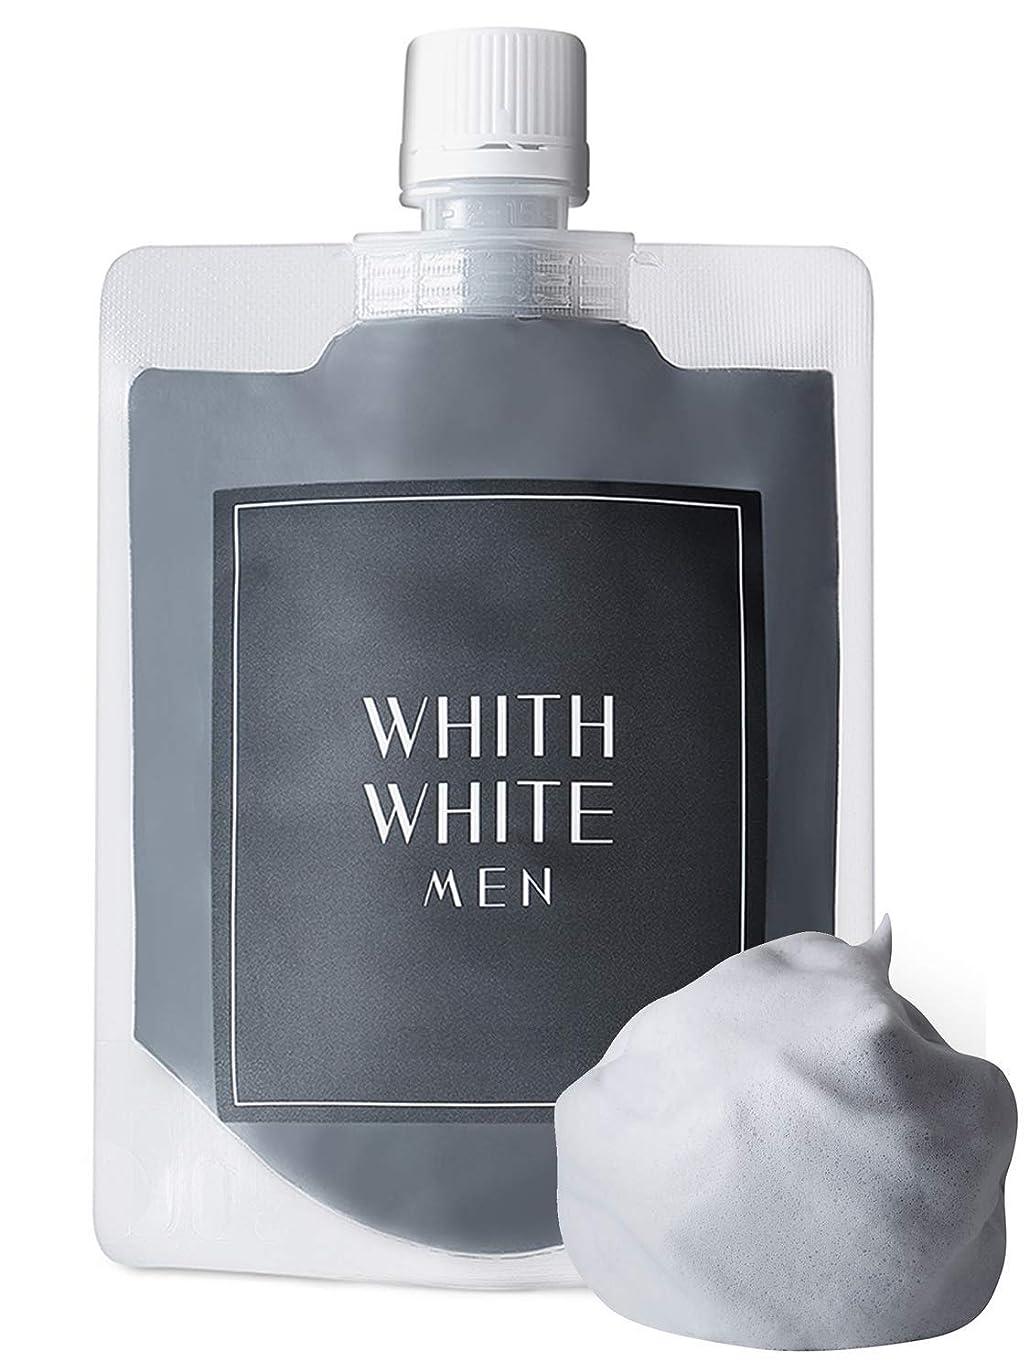 ルーキー乗算にフィス ホワイト メンズ 泥 洗顔 ネット 付き 8つの 無添加 洗顔フォーム (炭 泡 クレイ で 顔 汚れ を 落とす) (日本製 洗顔料 130g リッチ セット)(どろ で 毛穴 を ごっそり 除去)